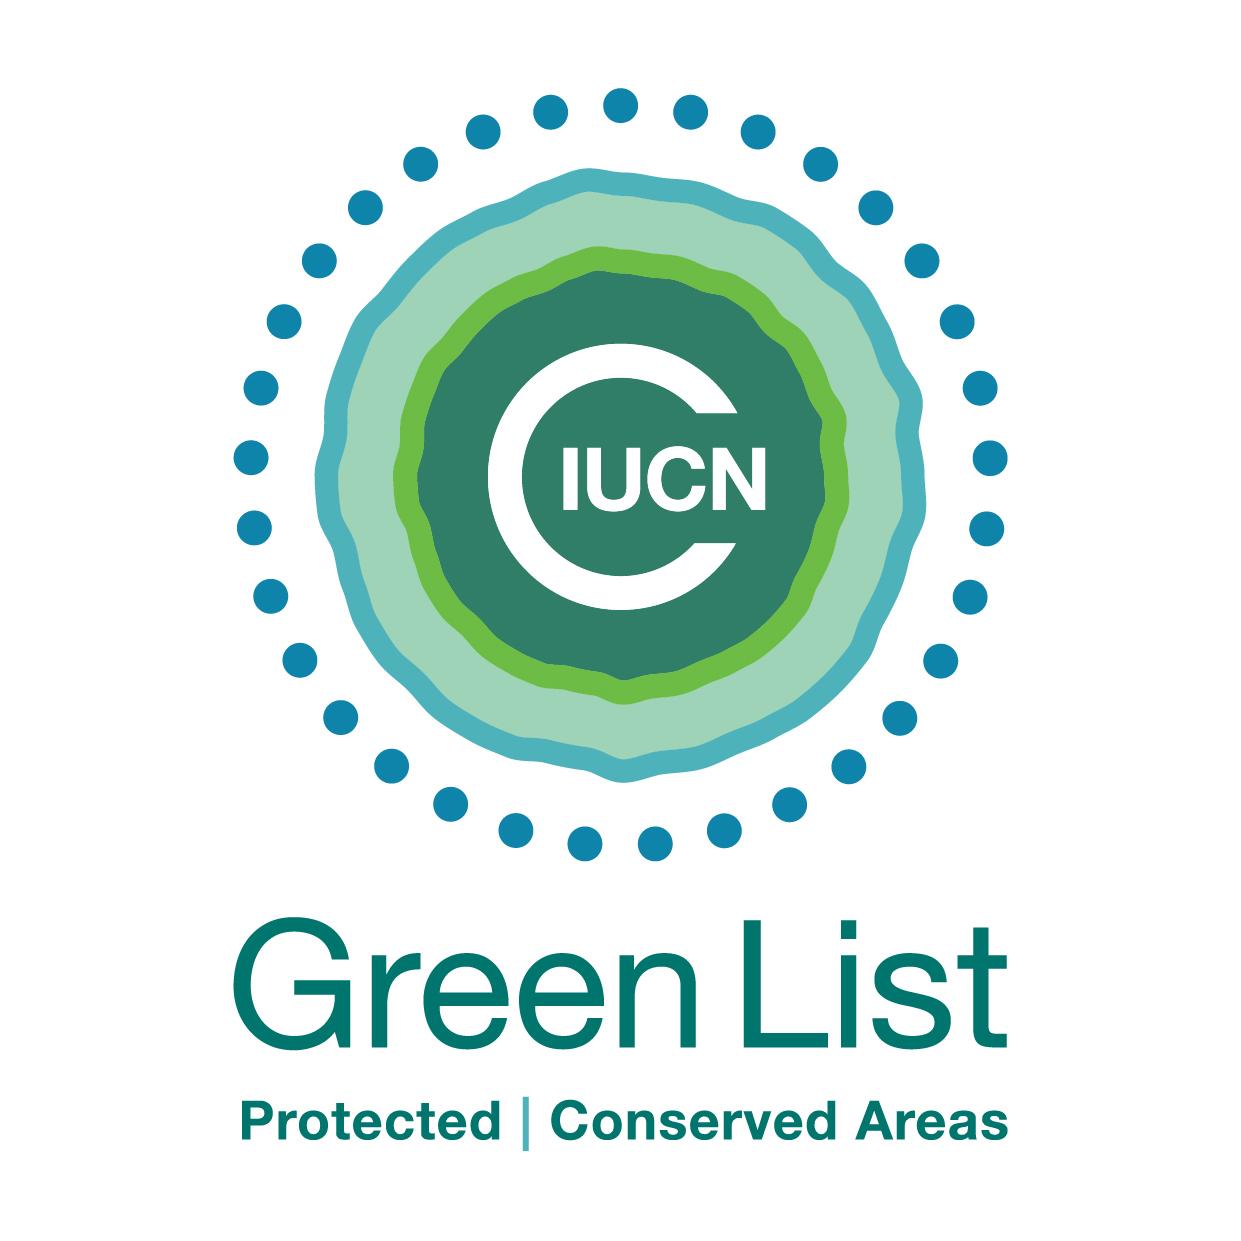 logo iucn greenlist parco arcipelago toscano isola del giglio giglionews